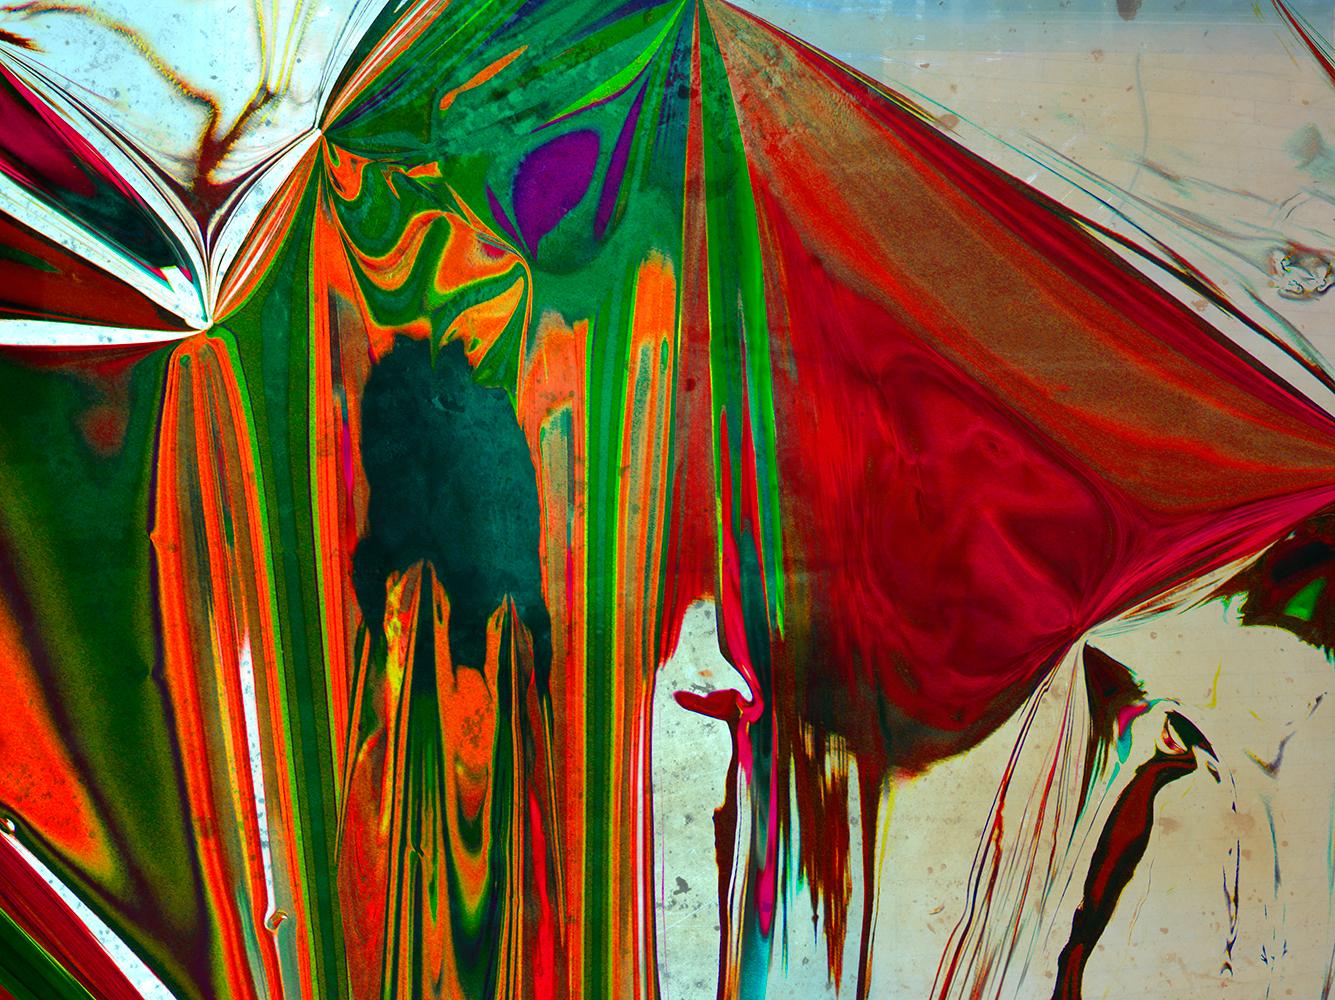 Elias Wessel  Hinter den Dingen 3 , 2017  Color Photograph  Original: 180 x 240.3 cm